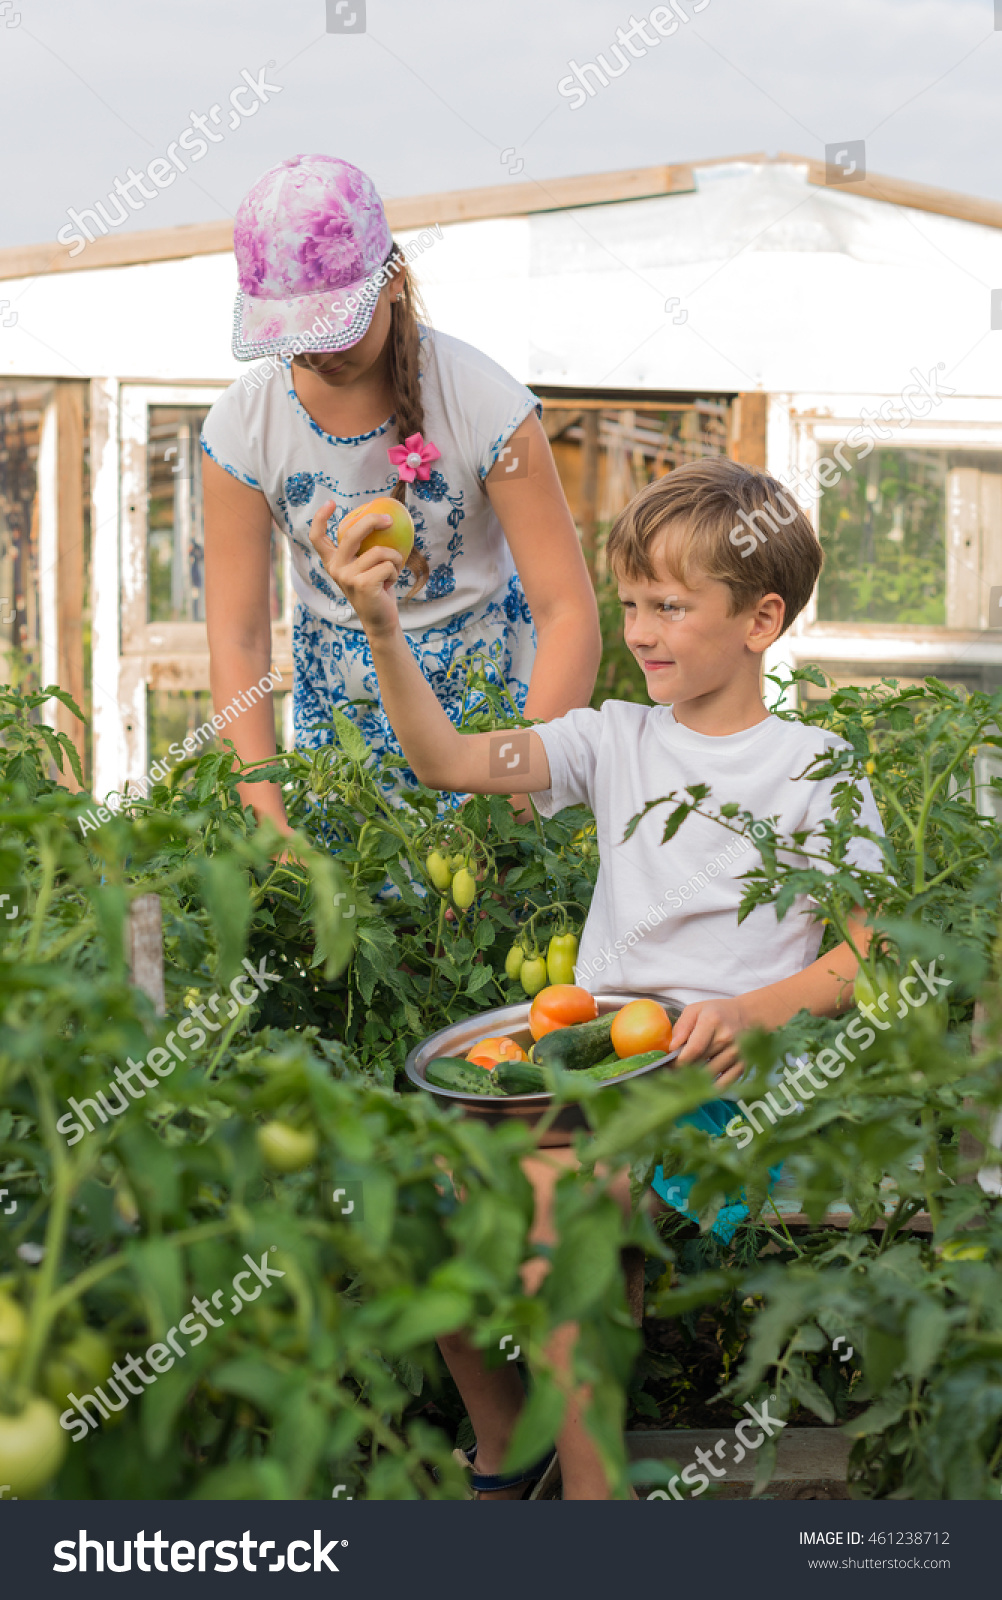 Children Harvest Vegetables In A Family Garden Stock Photo